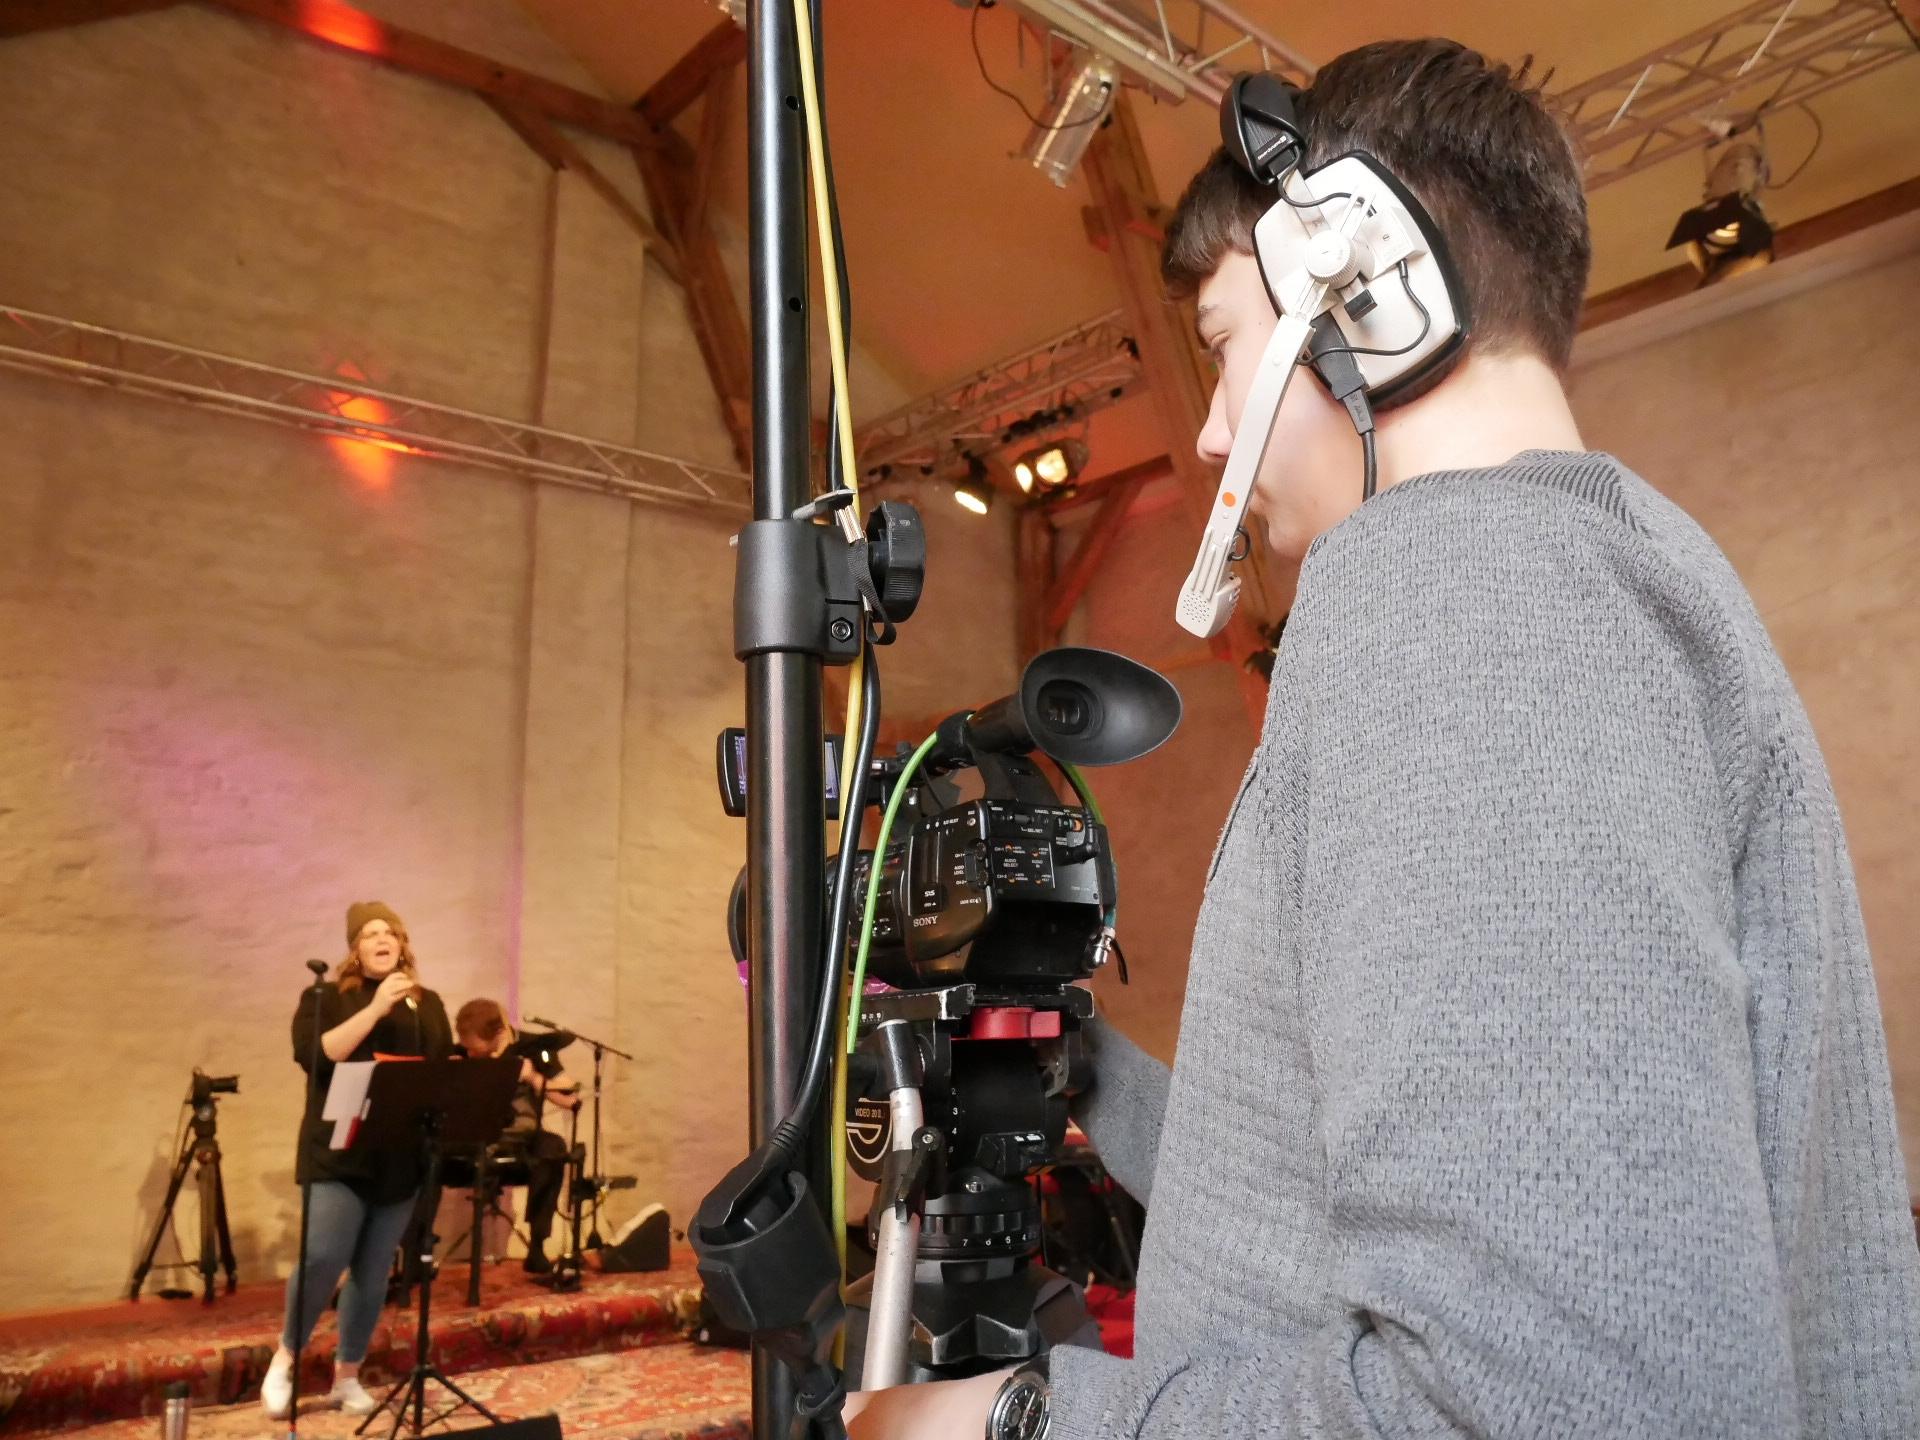 Jakob Weiße an der Kamera filmt die Band